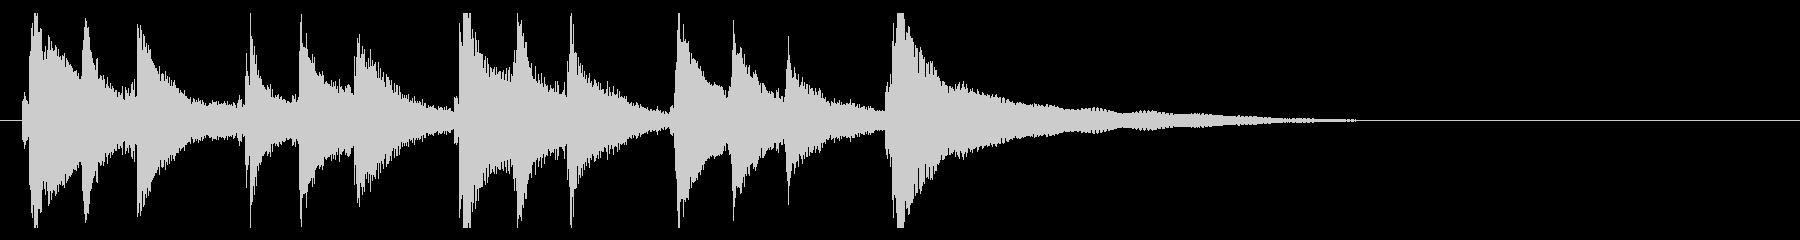 お琴の定番ジングル03の未再生の波形